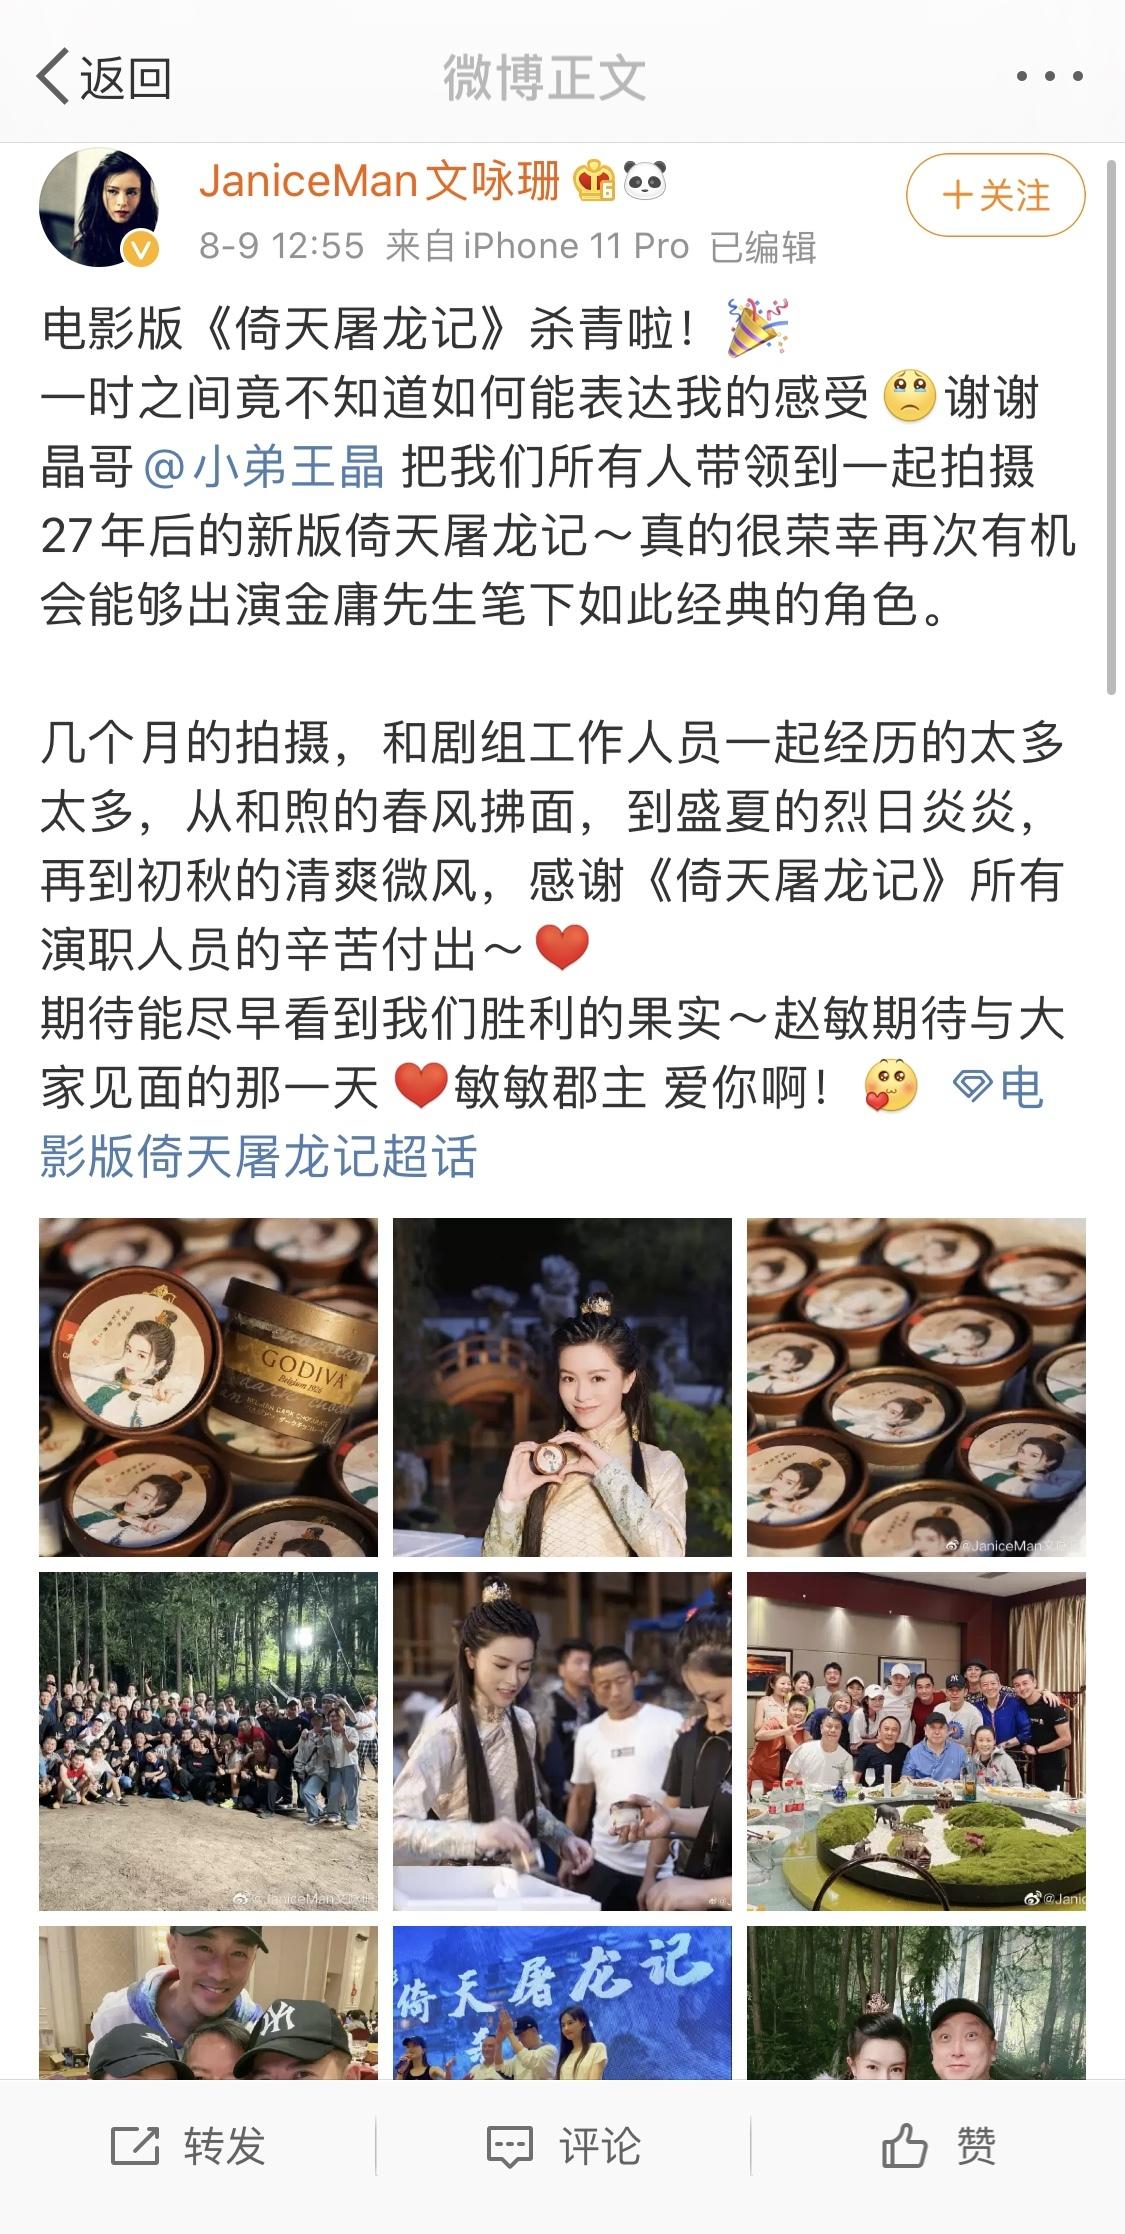 电影版《倚天屠龙记》近日杀青 赵敏扮演者文咏珊发表杀青感言